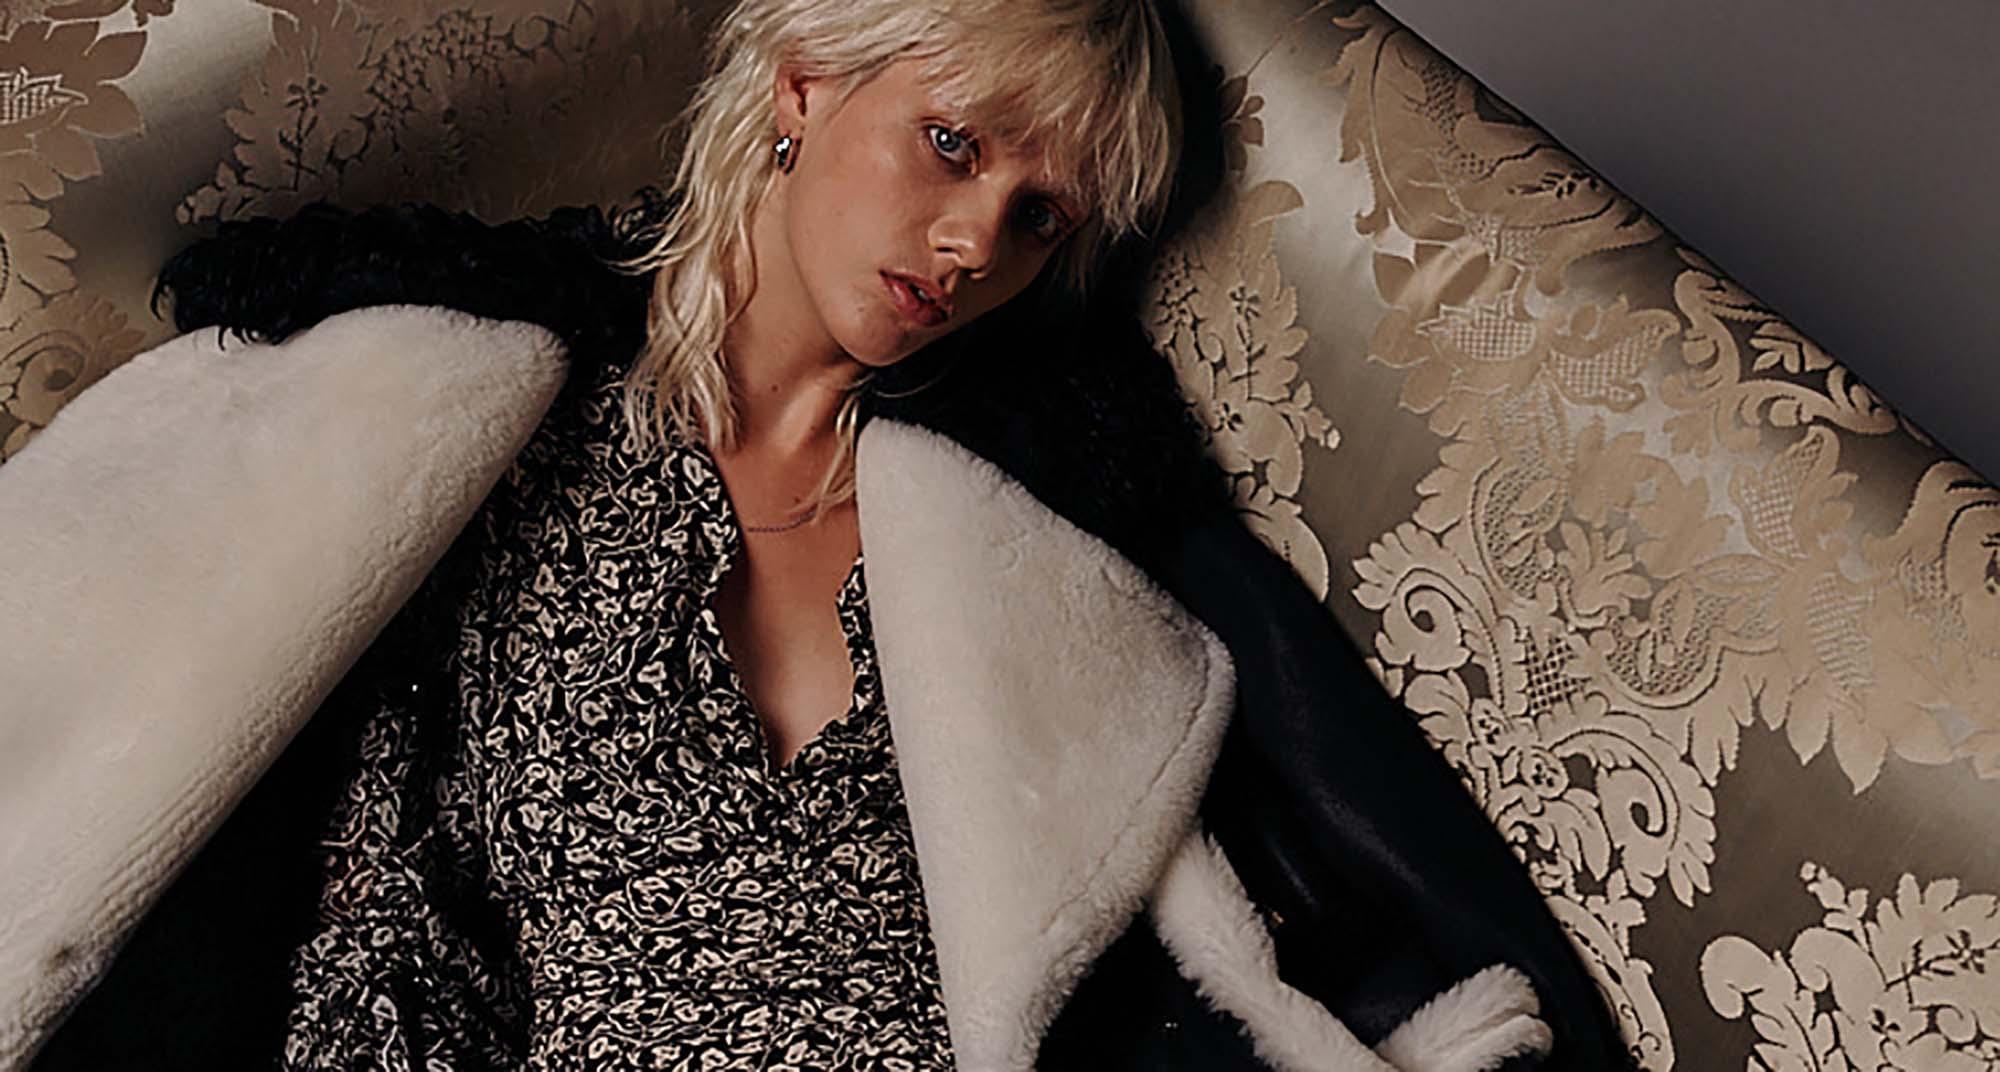 מעיל TOPSHOP - קולקציית סתיו 2019 צילום יחצ חול (35),אופנה, אופנת גברים, Fashion Israel, חדשות אופנה, כתבות אופנה, טרנדים, FASHION MAGAZINE, מגזין אופנה ישראלי -